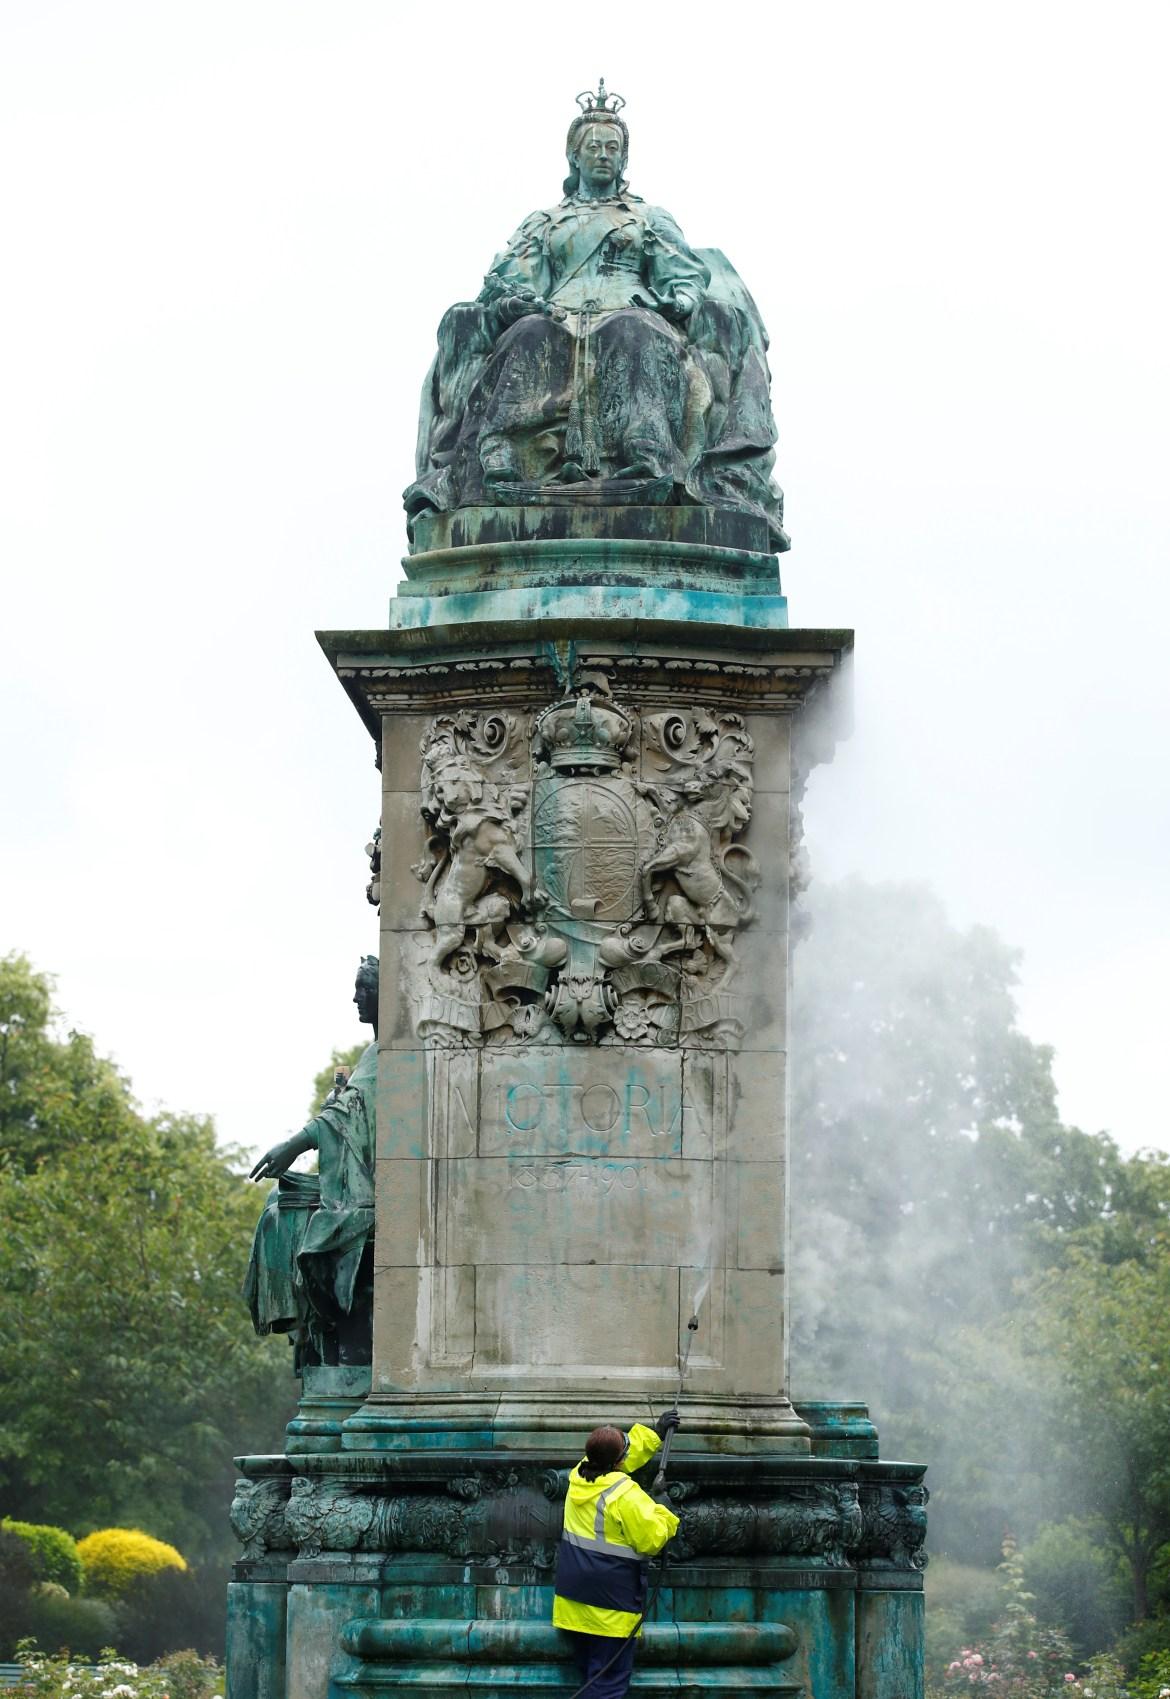 عامل في البلدية البريطانية يغسل تمثالا للملكة فيكتوريا لطخه المحتجون في مدينة ليدز